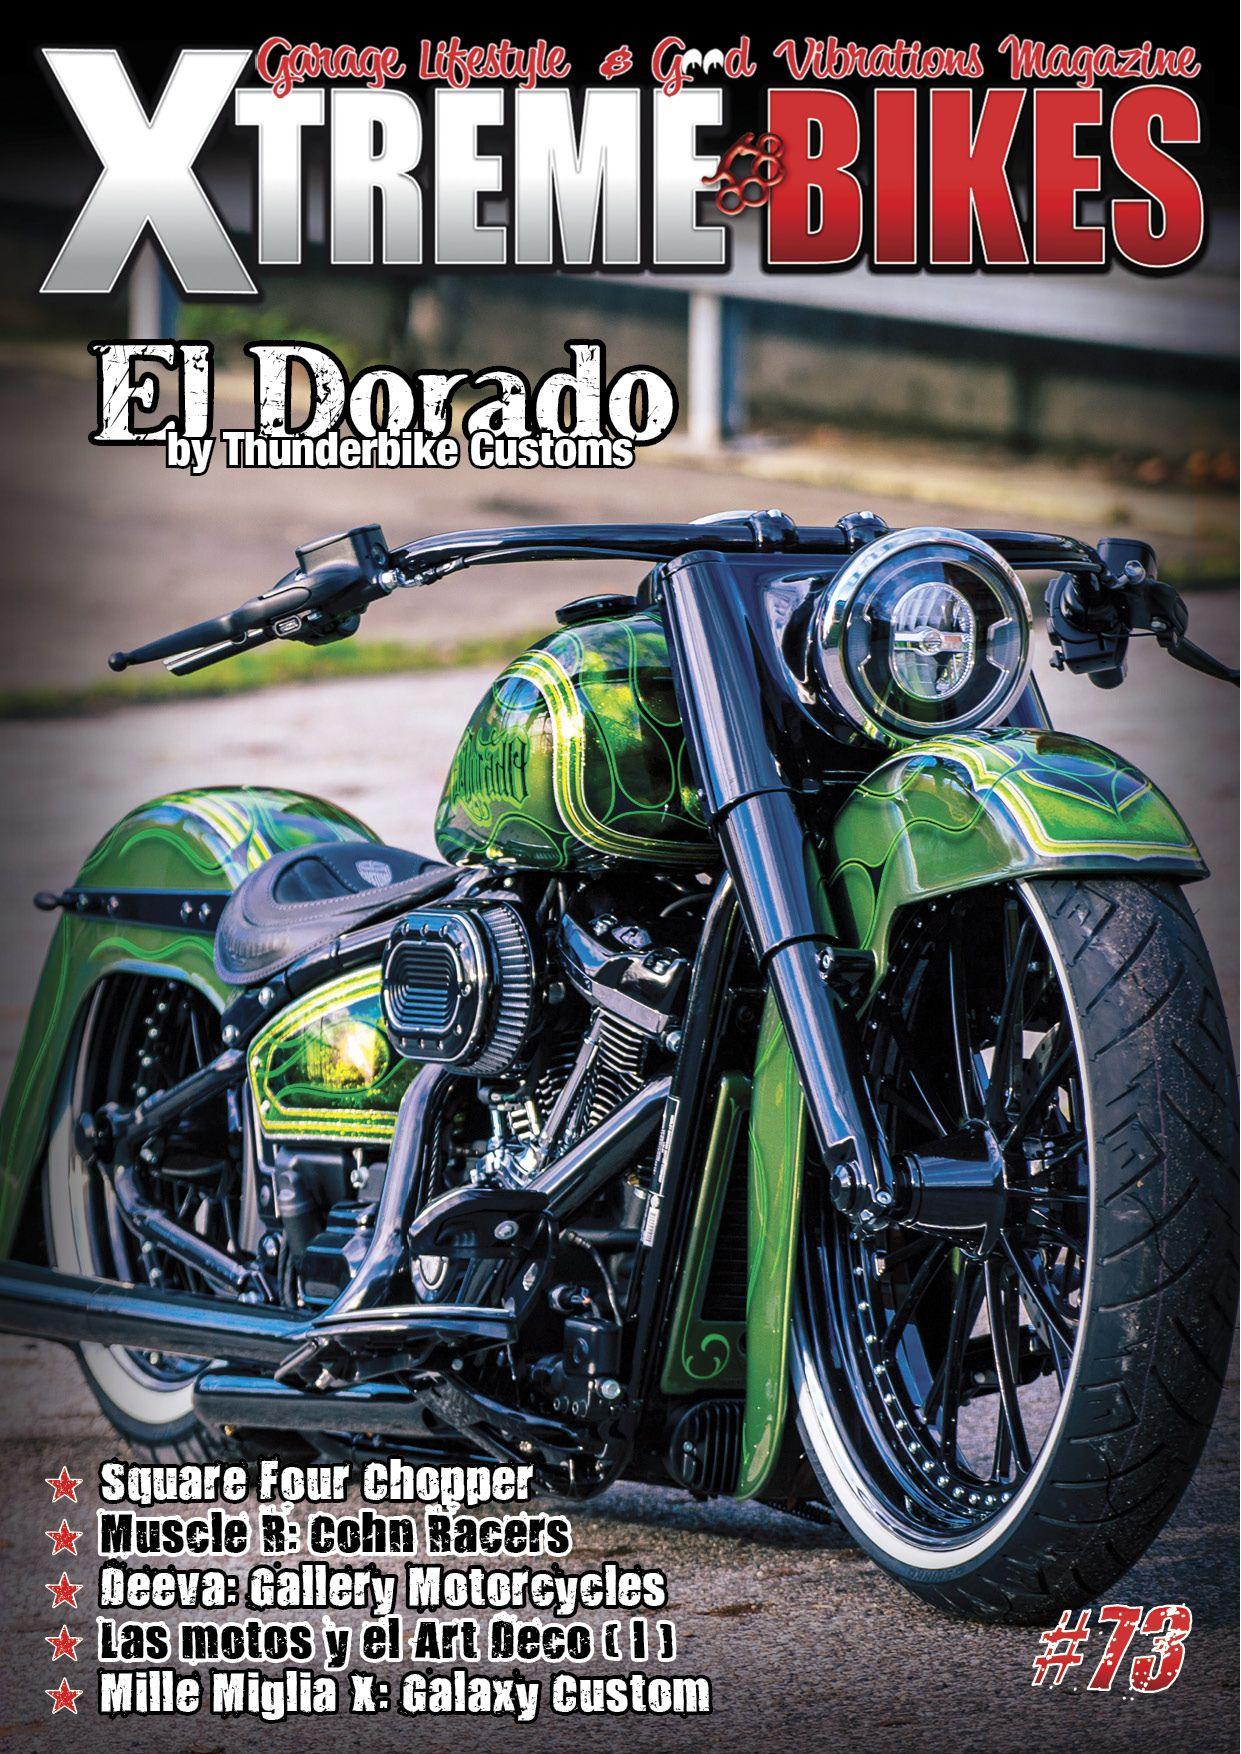 Xtreme Bikes #73